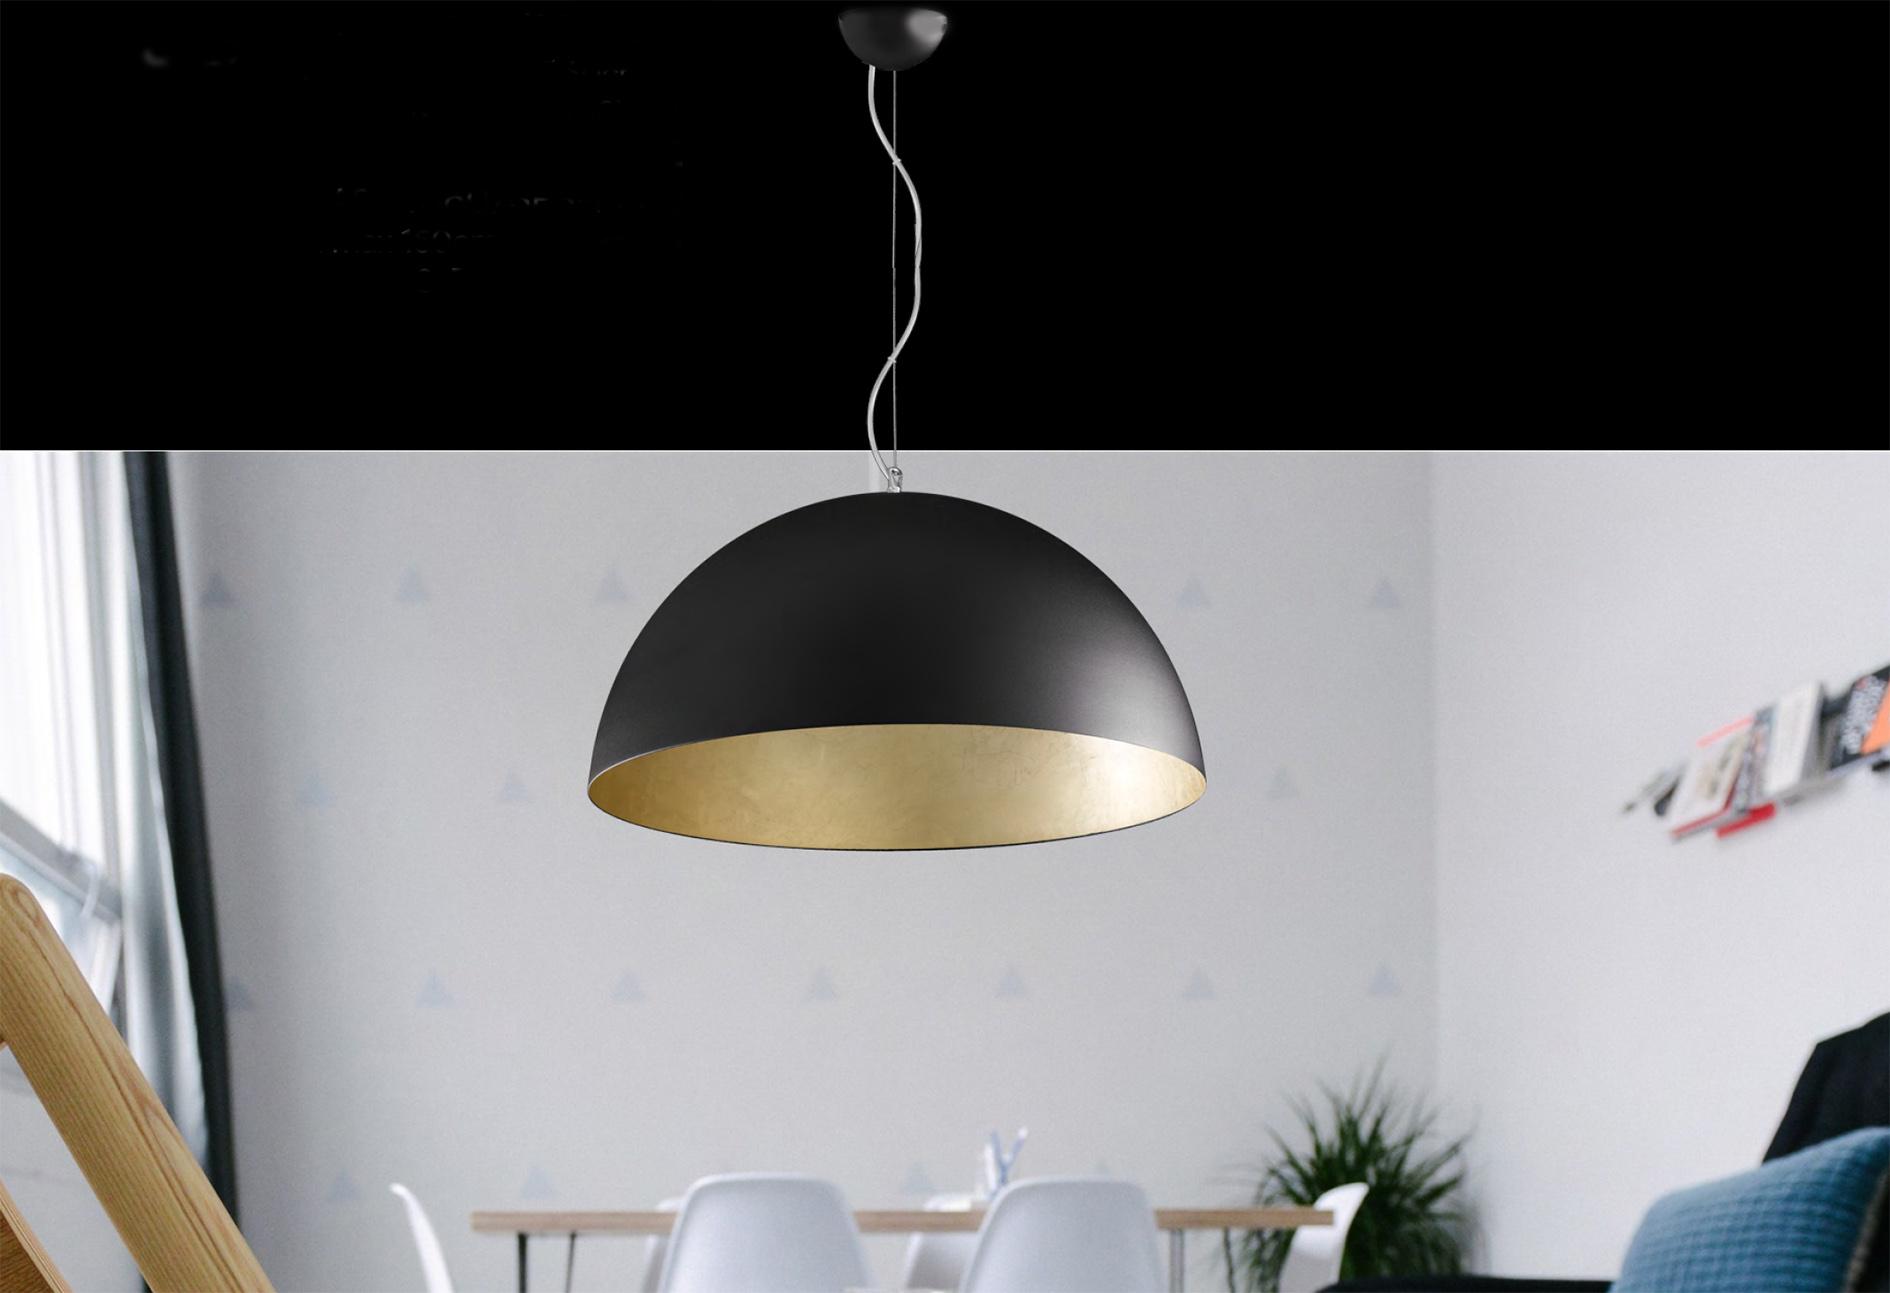 vendita lampadari roma : Lampadari Lampada a sospensione ROMA 1060/SP3-FO - Vendita lampadari ...